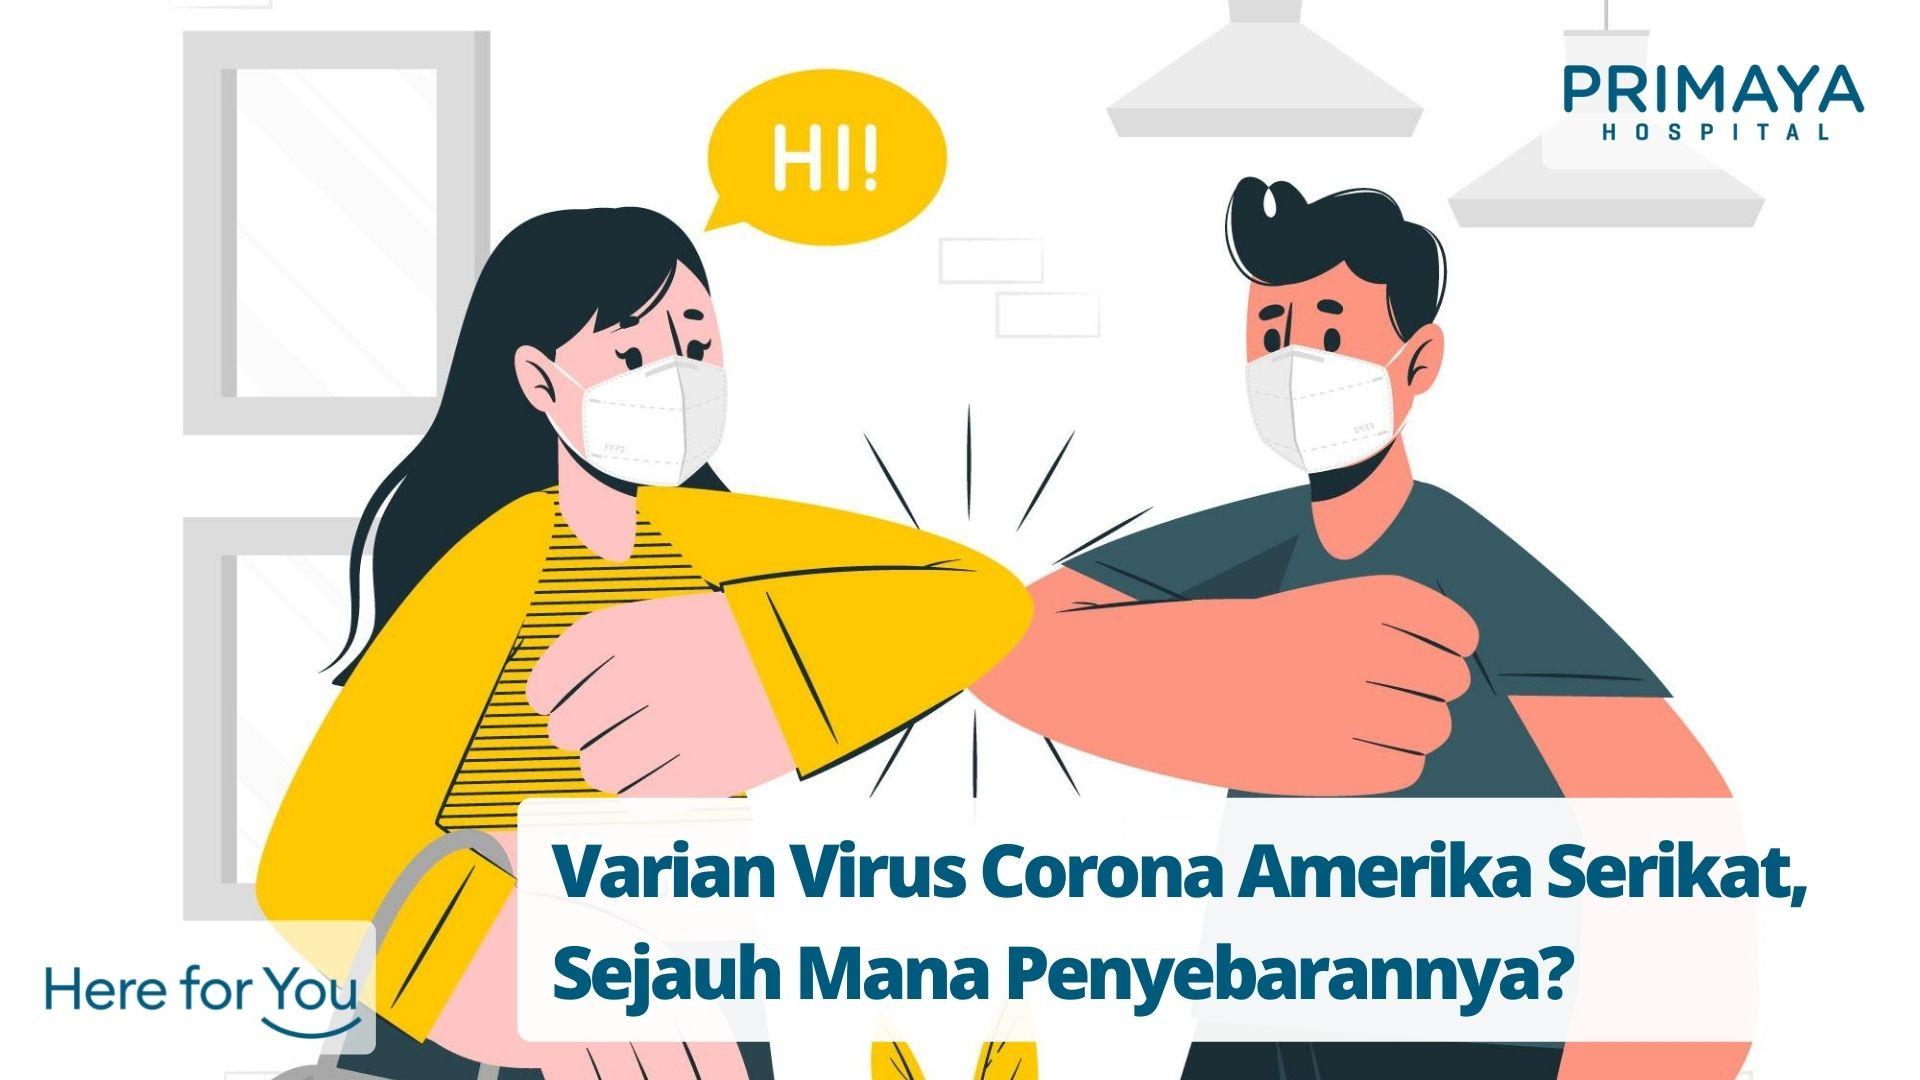 Varian Virus Corona Amerika Serikat, Sejauh Mana Penyebarannya?